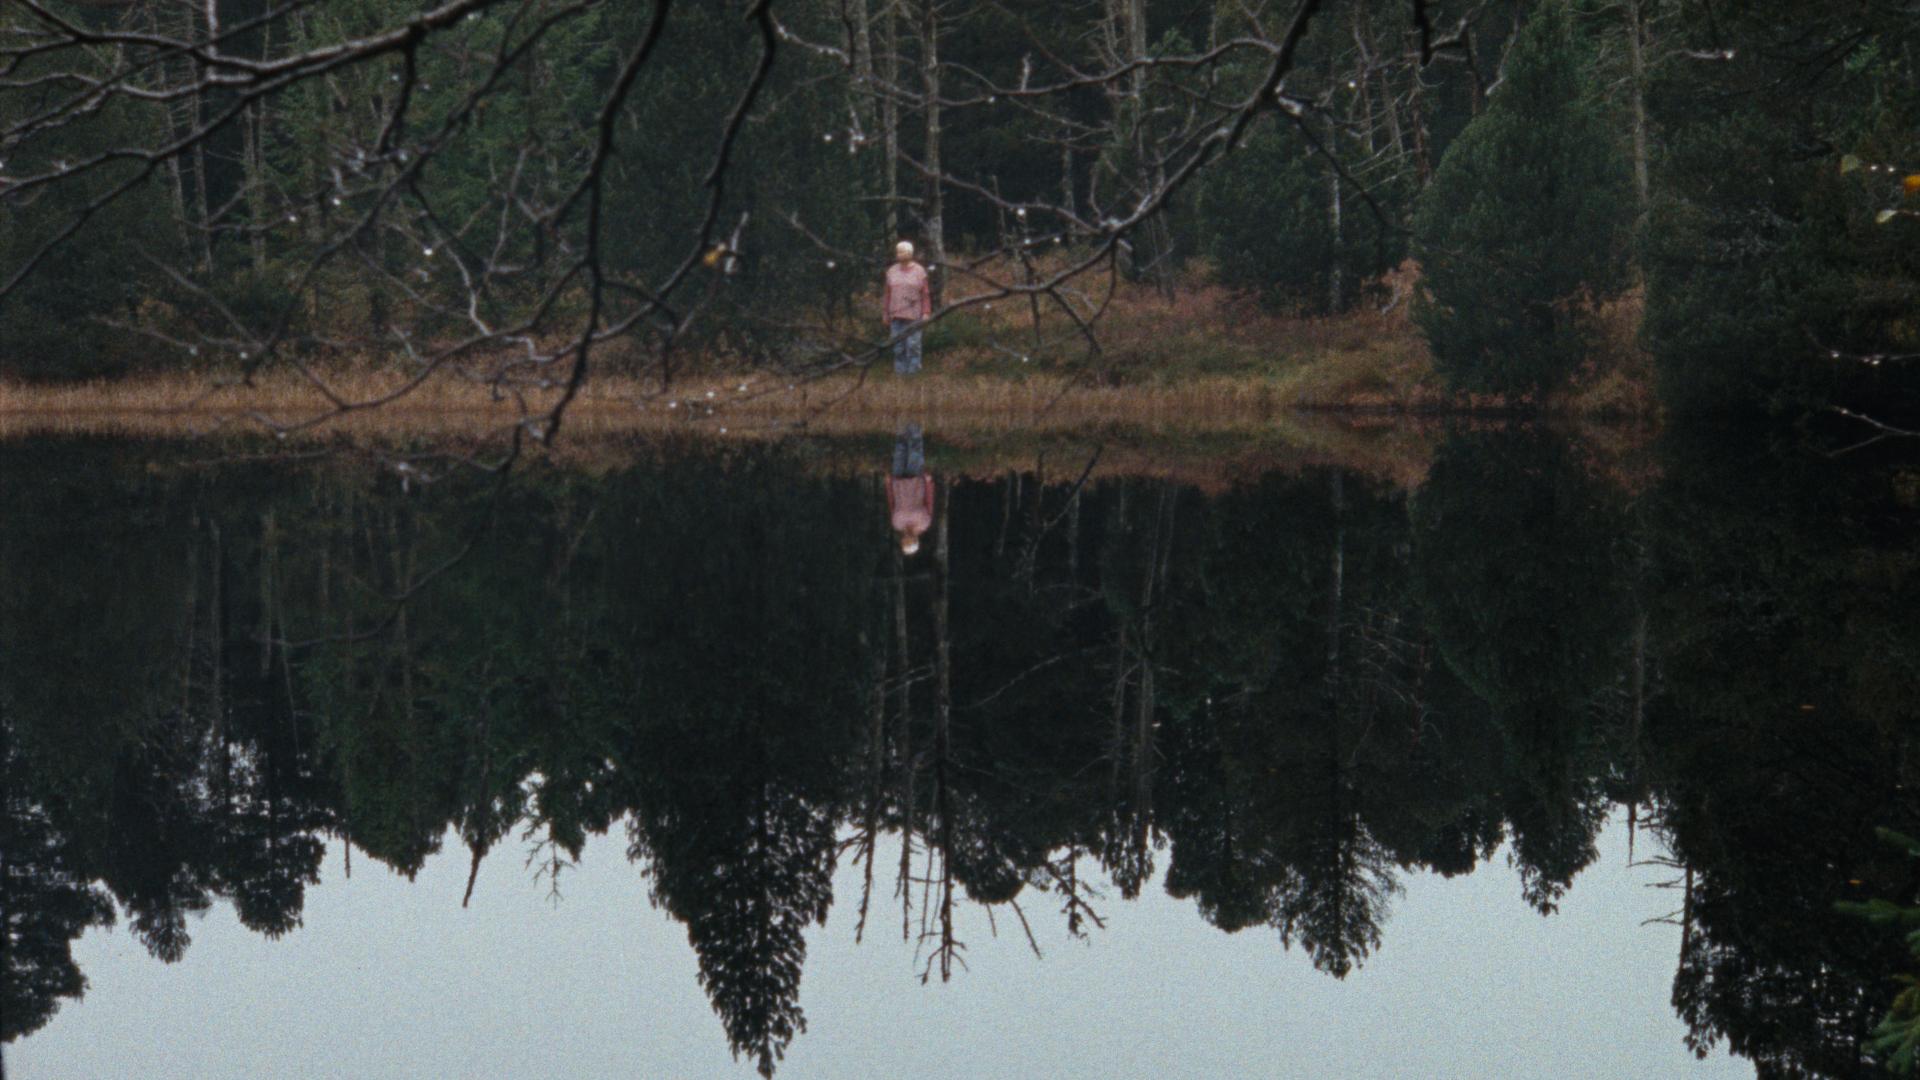 Cena do filme Madeira e Água. A imagem mostra à distância uma mulher branca de meia idade na frente de uma densa floresta de pinheiros e de frente para um lago de água cristalina. Na água, vemos o reflexo da floresta e a mulher.